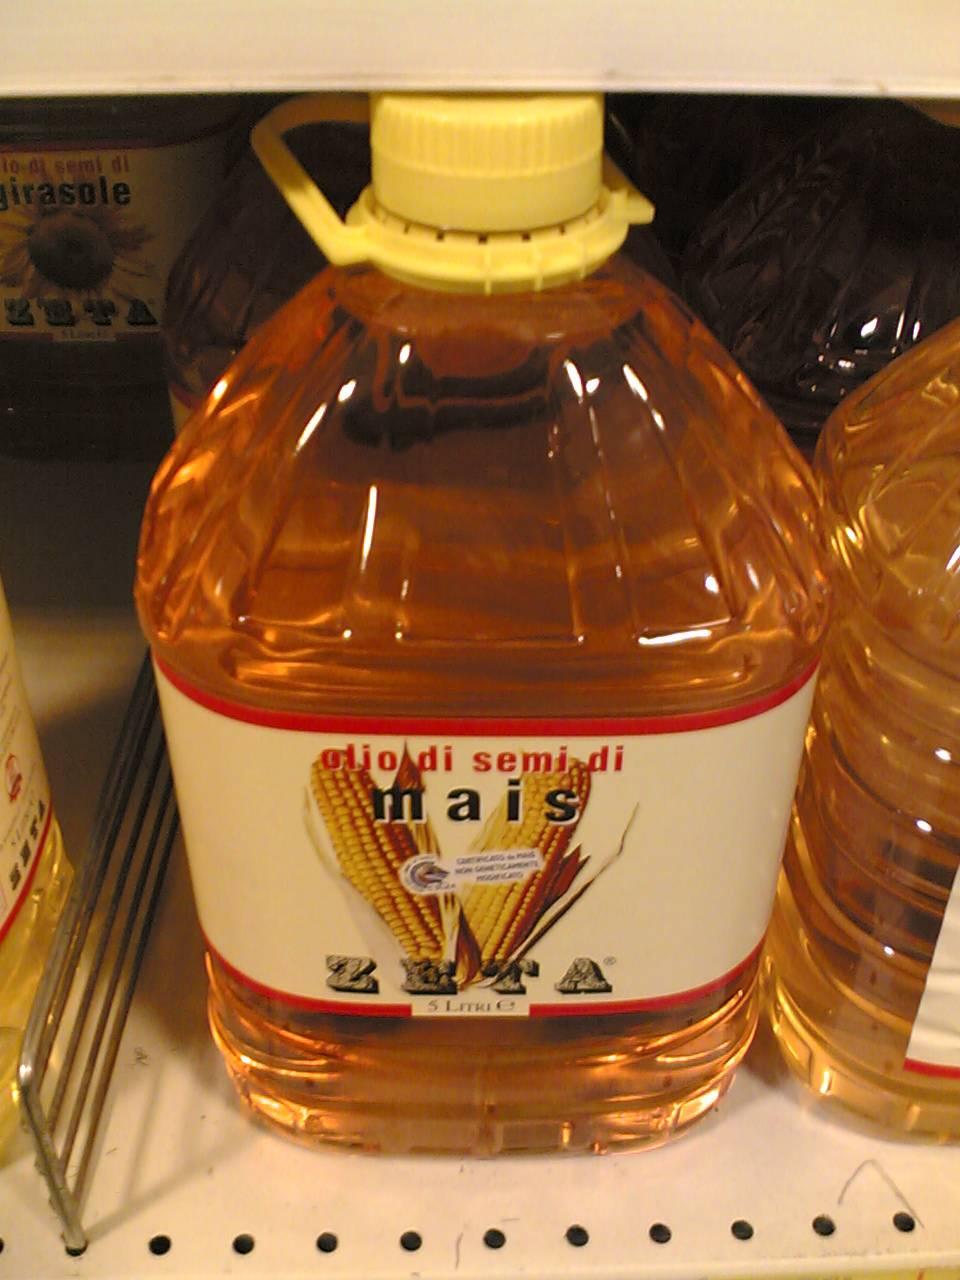 Bottled RBD Palm Oil